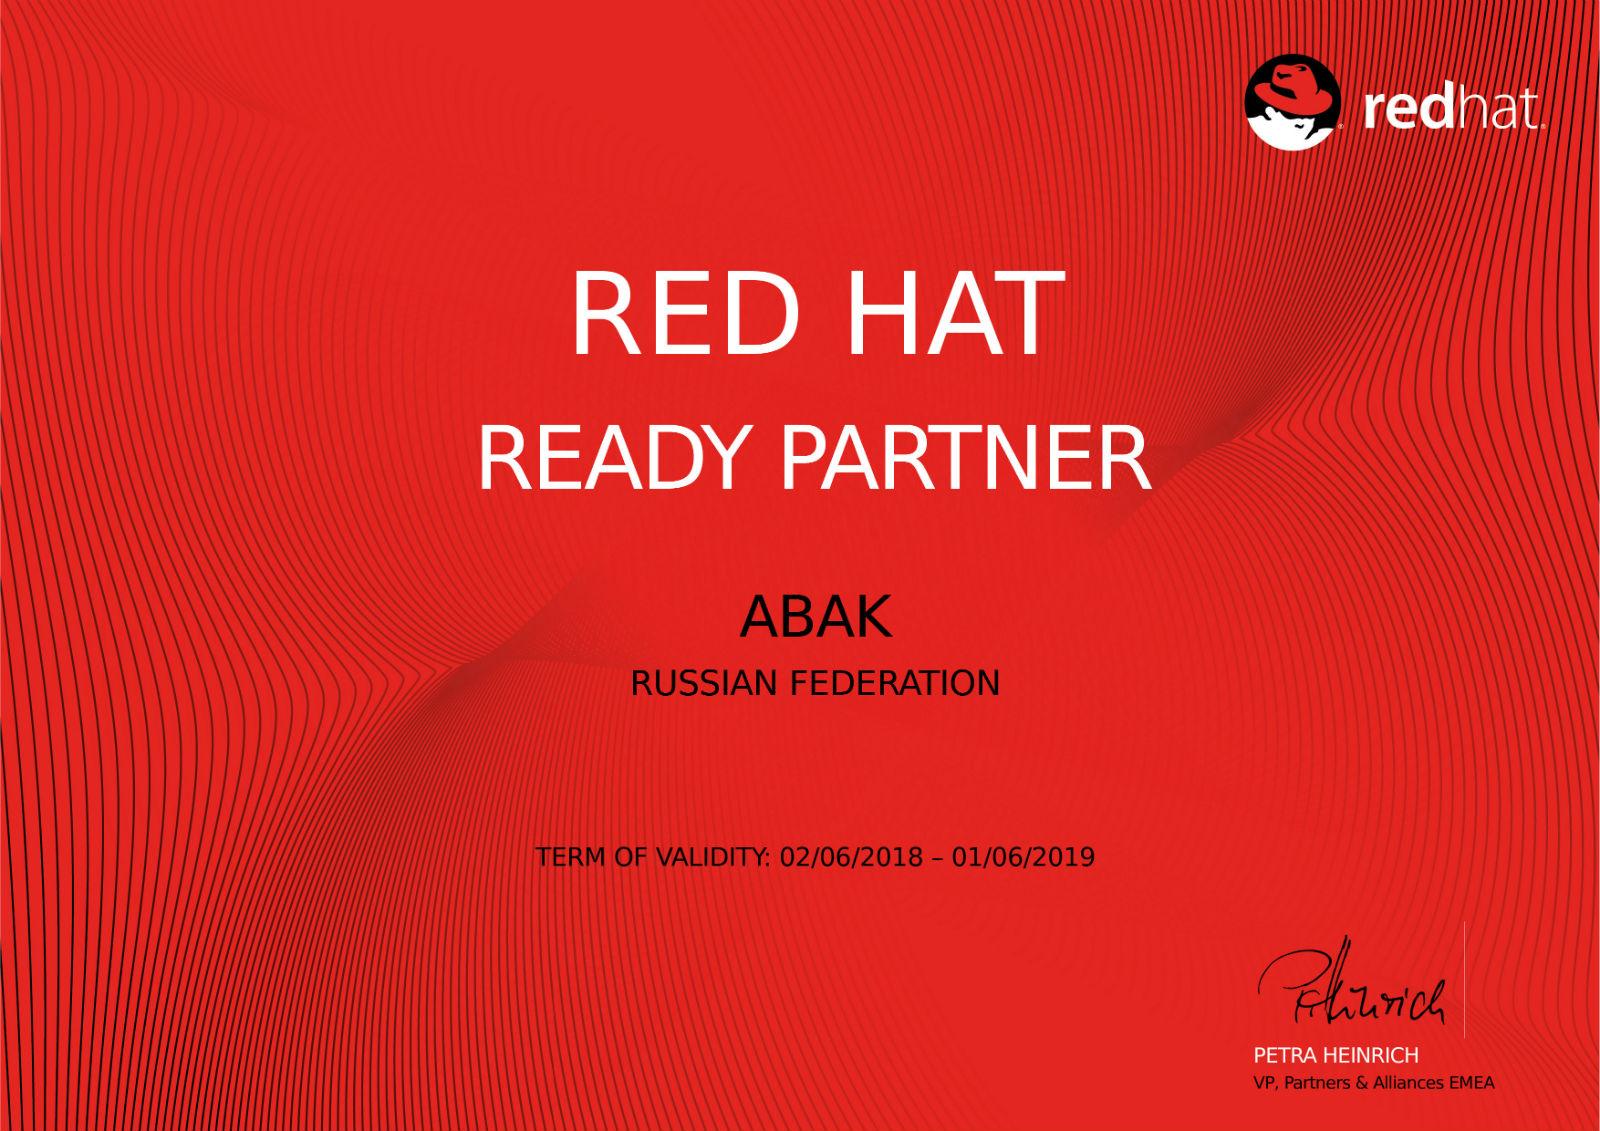 ABAK-RadHat-MAY2018